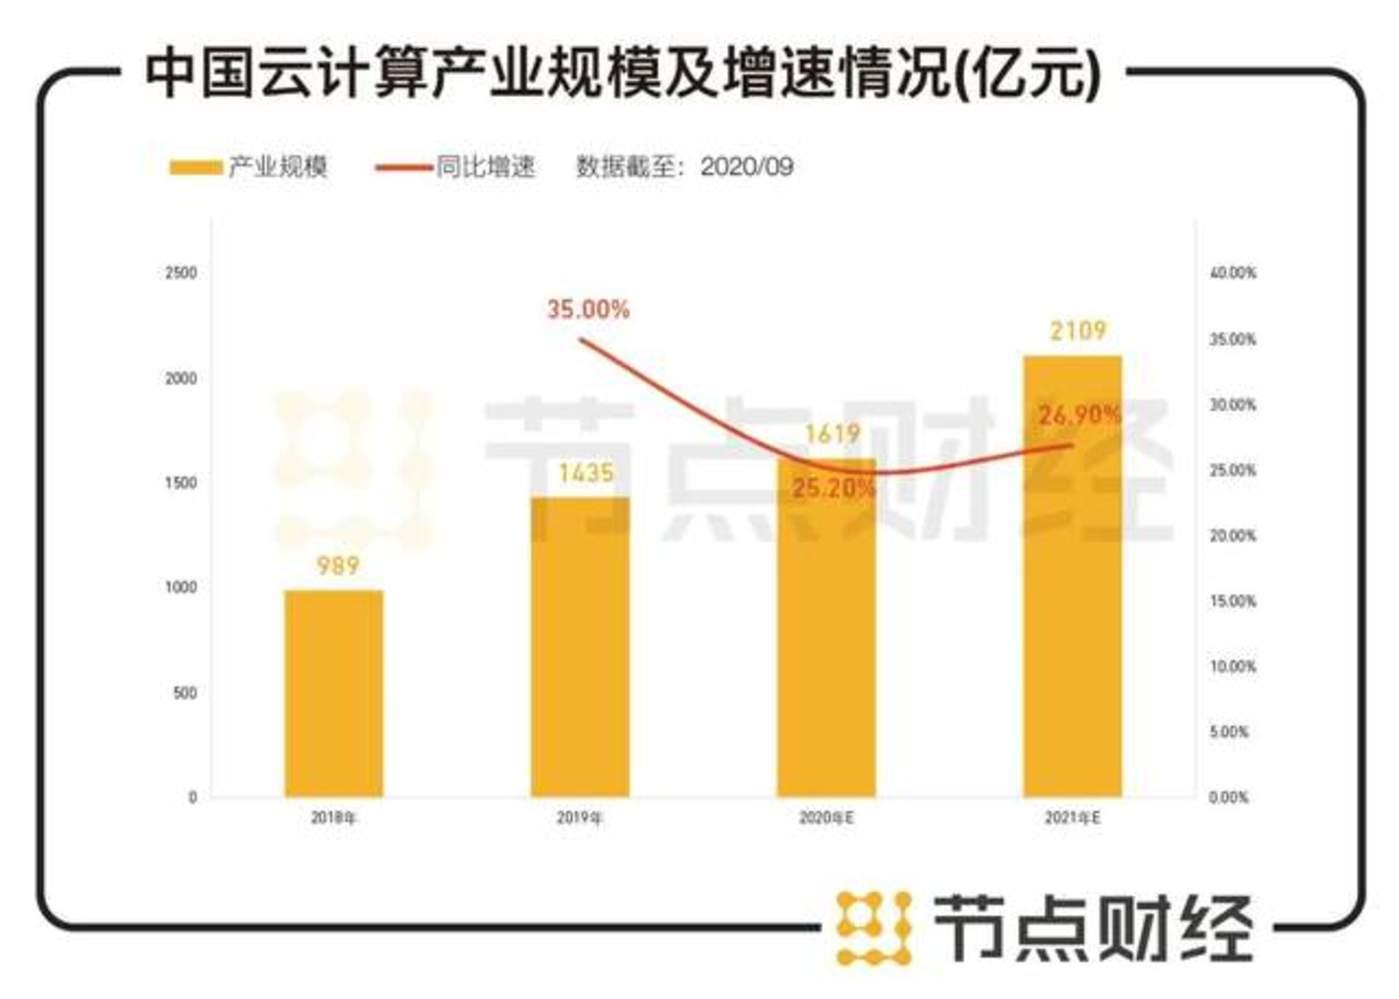 数据来源:中国产业信息网,安信证券